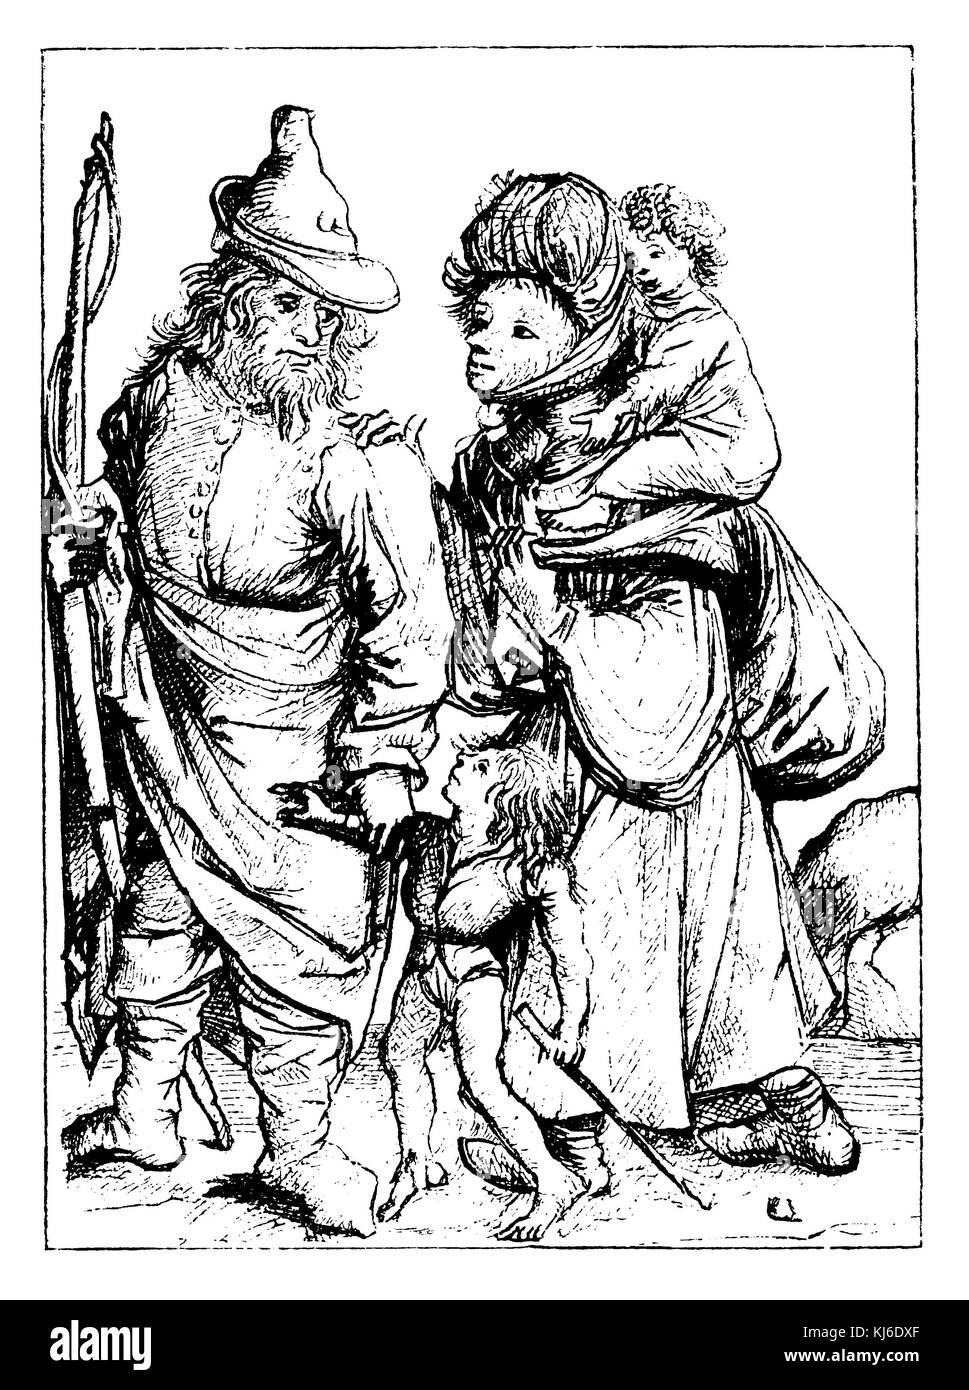 Deutsche Bauern im 15. Jahrhundert (Bauern im 15. Jahrhundert) Stockbild